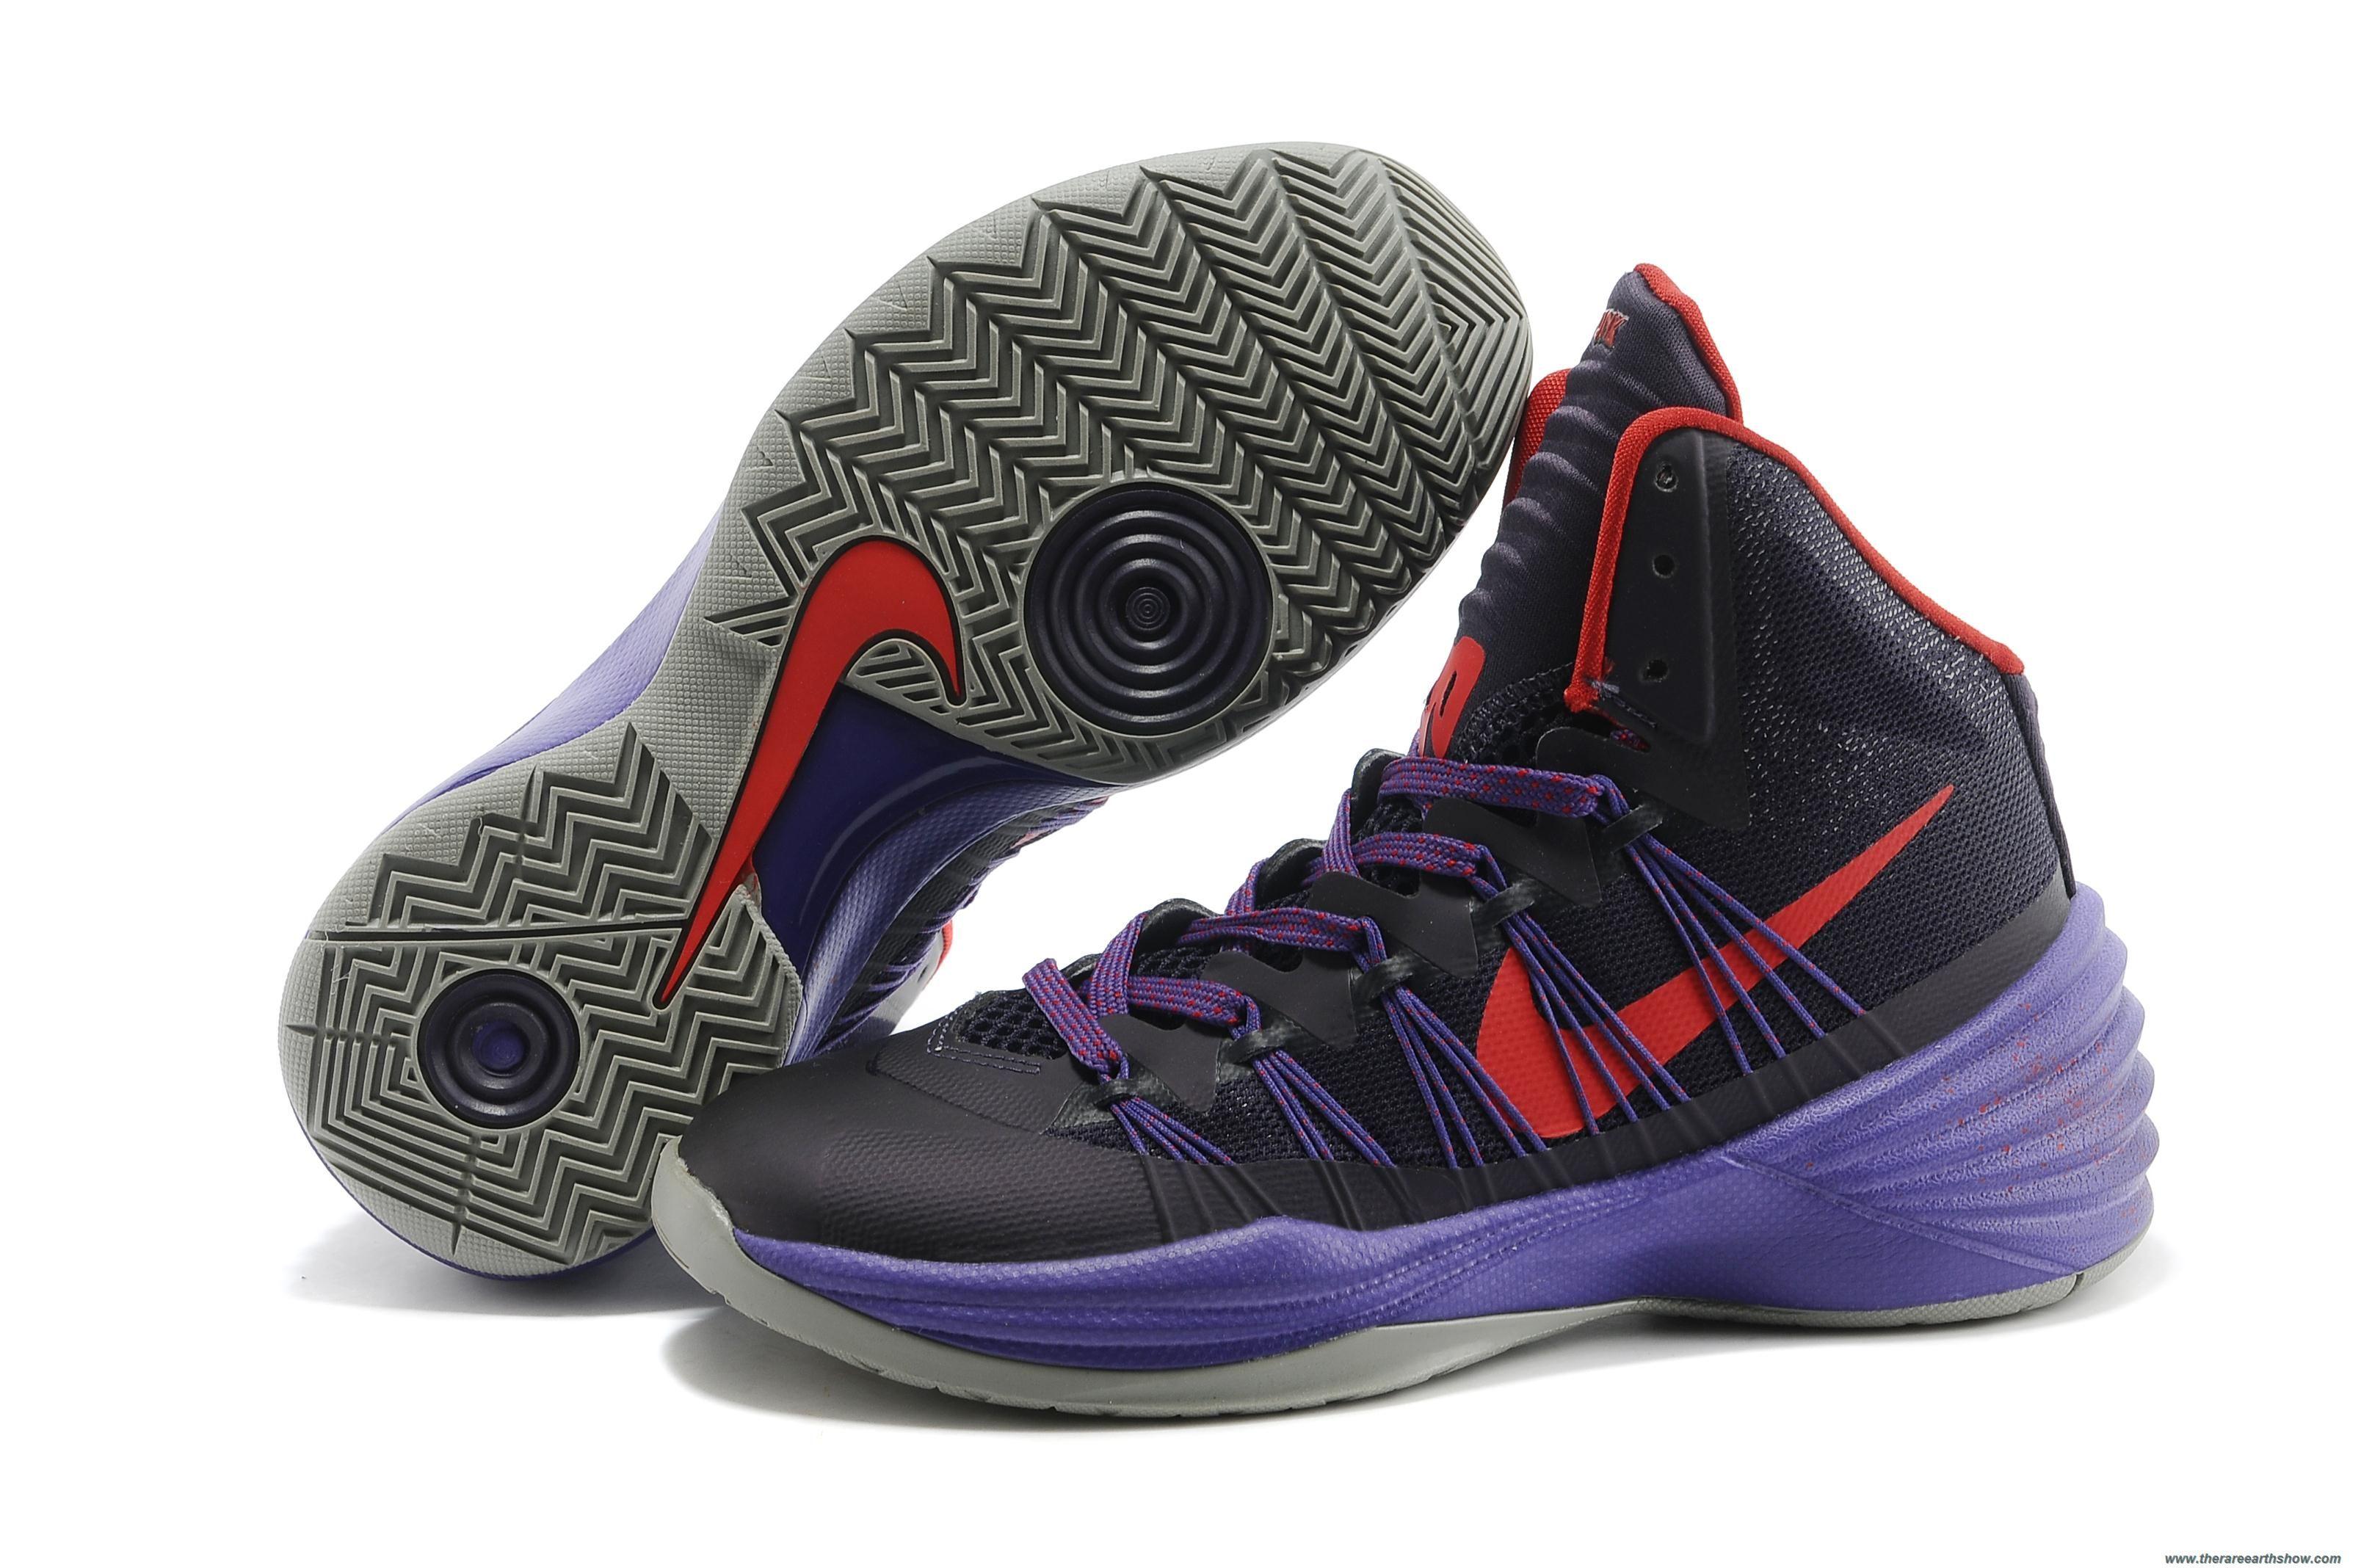 71f5aabf4bdd Discounts Purple Dynasty University Red-Purple Womens Nike Hyperdunk 2013  XDR